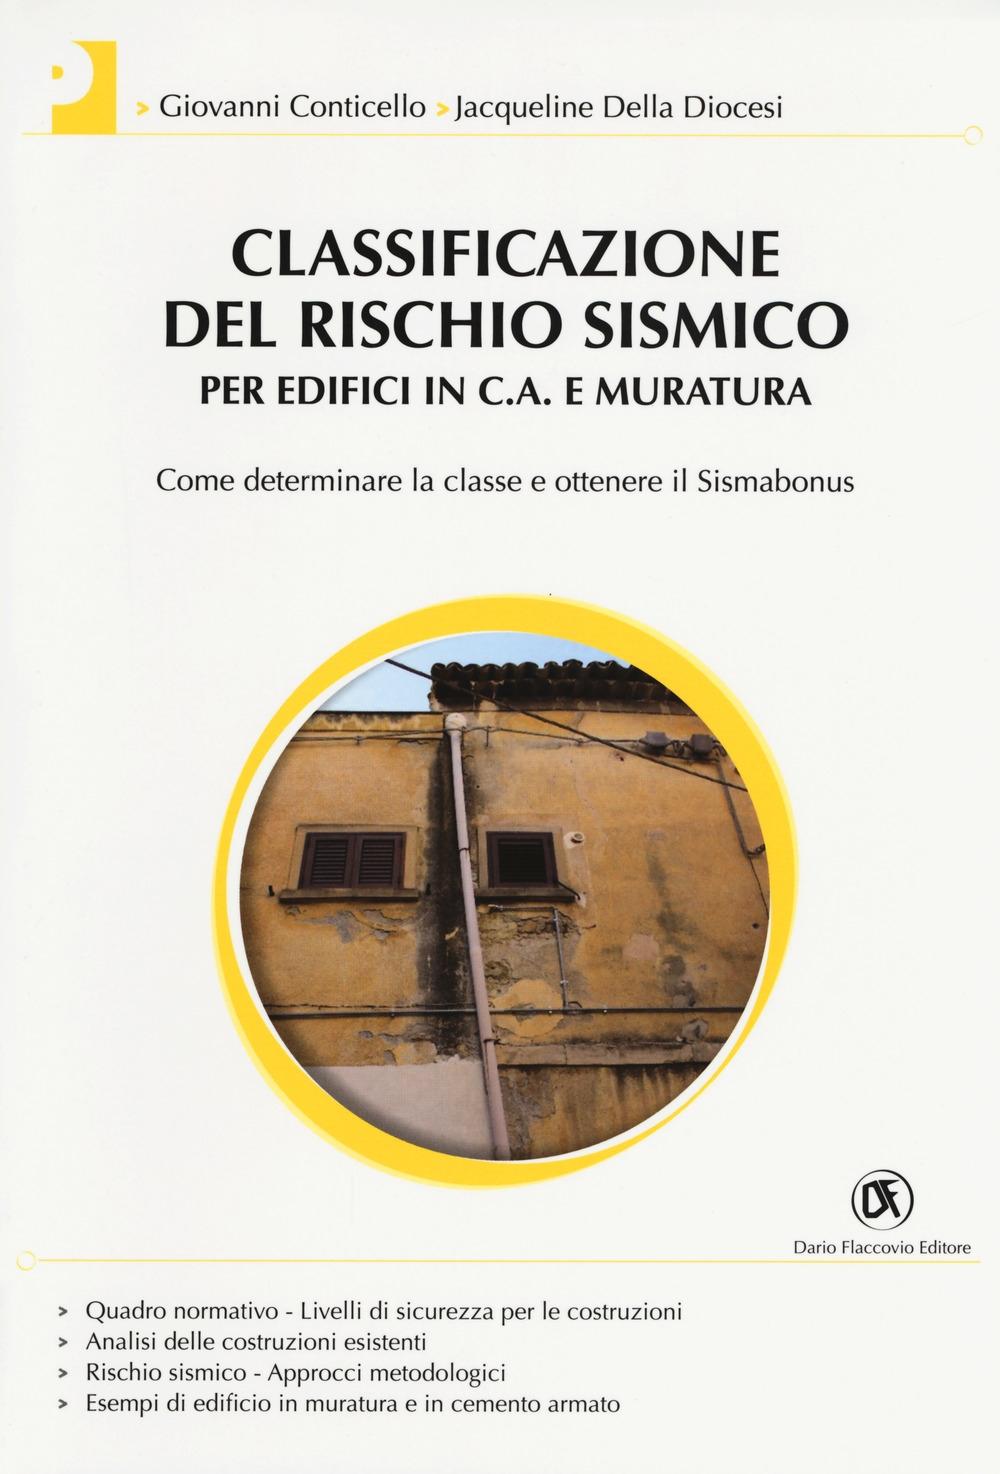 Classificazione del rischio sismico per edifici in c.a. e muratura